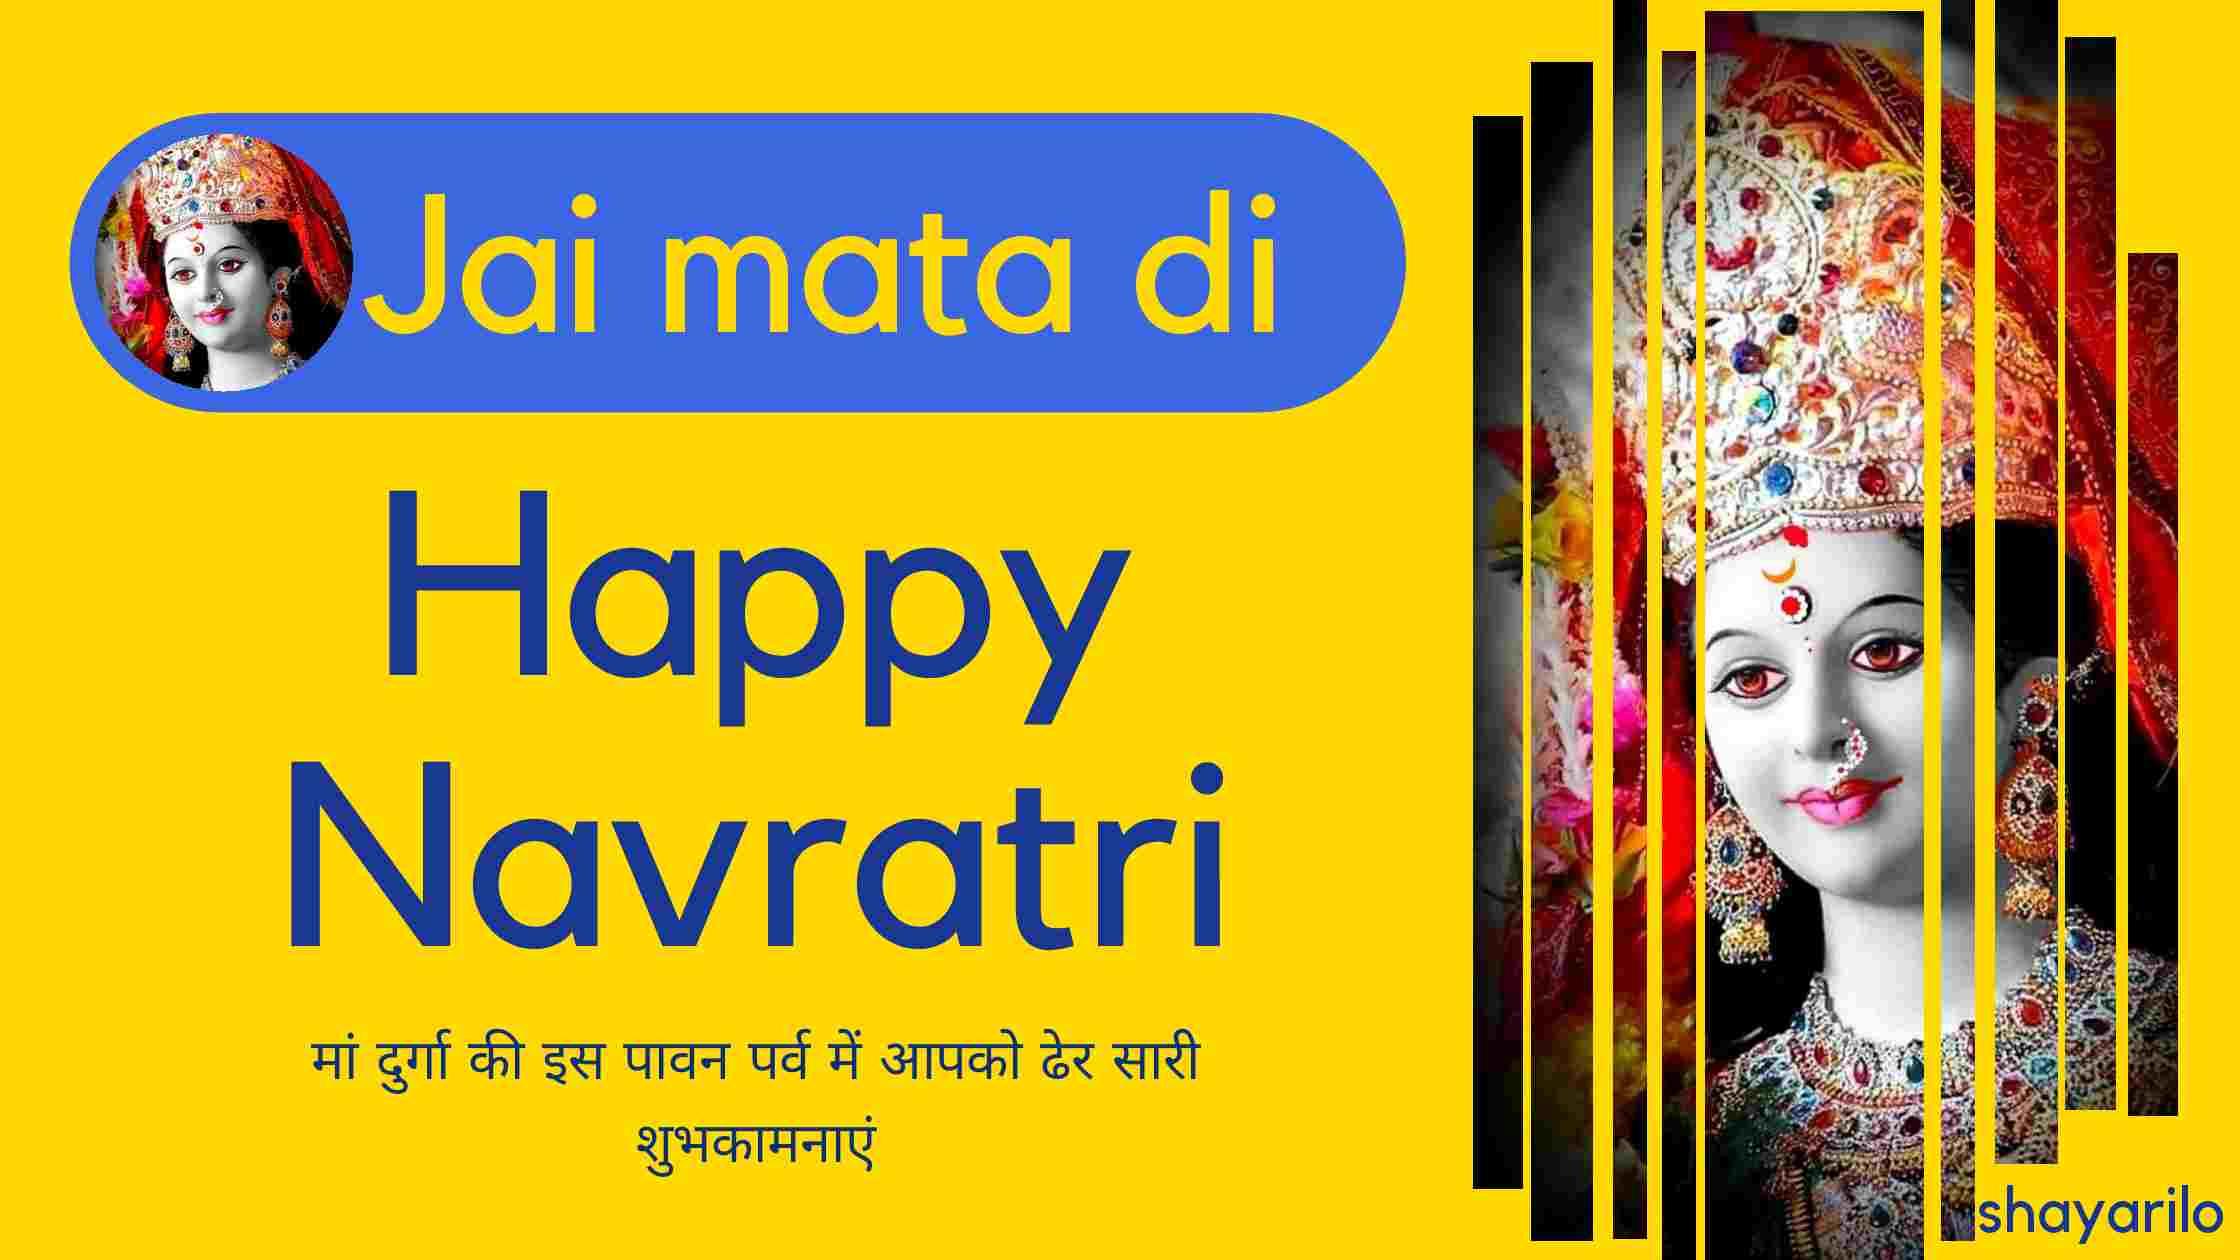 happy navaratri whishes